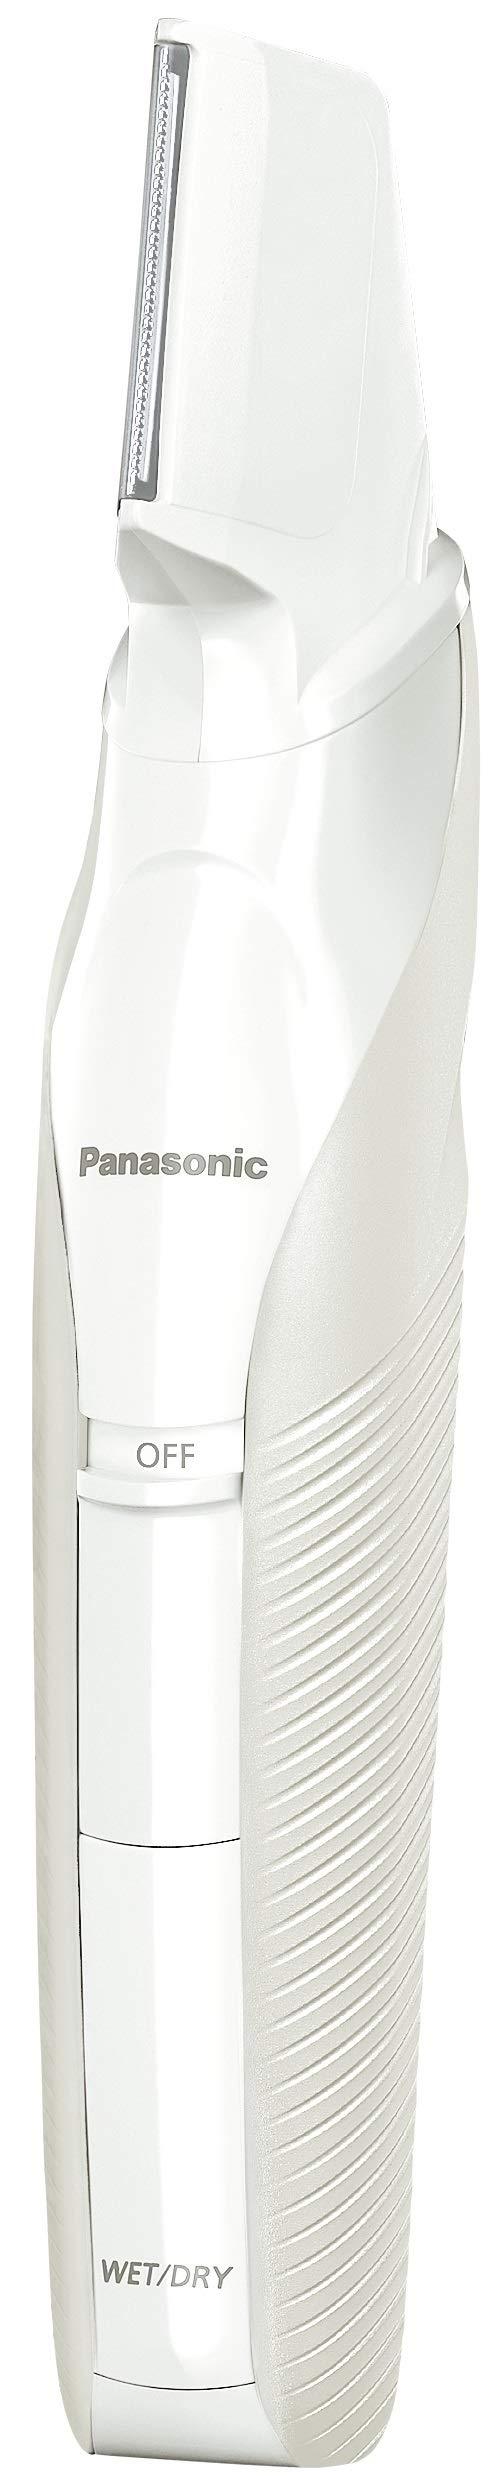 PANASONIC ER-GK61-W [body trimmer] by Panasonic